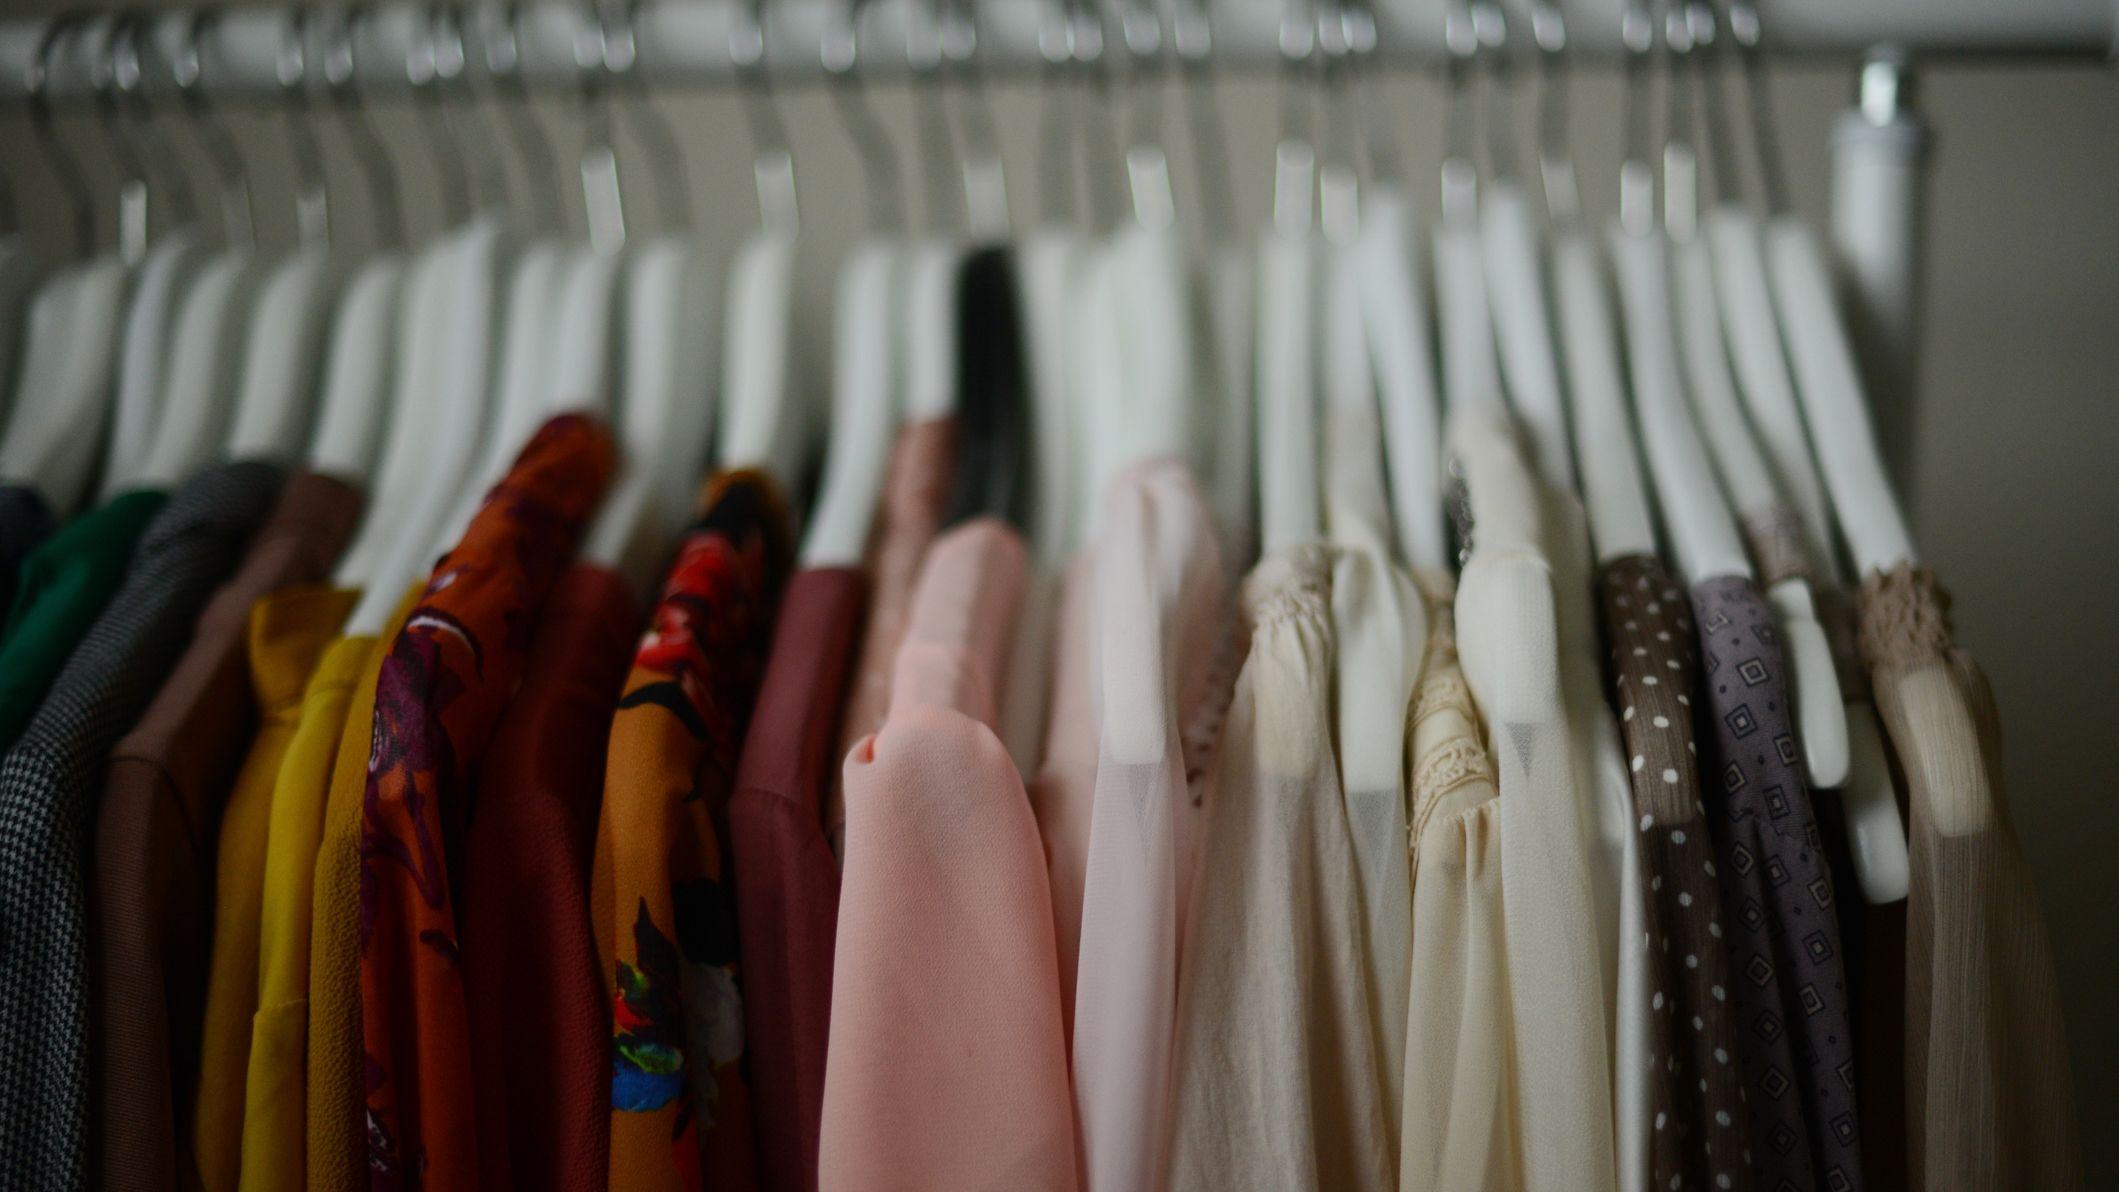 Ráznak a ruháid?